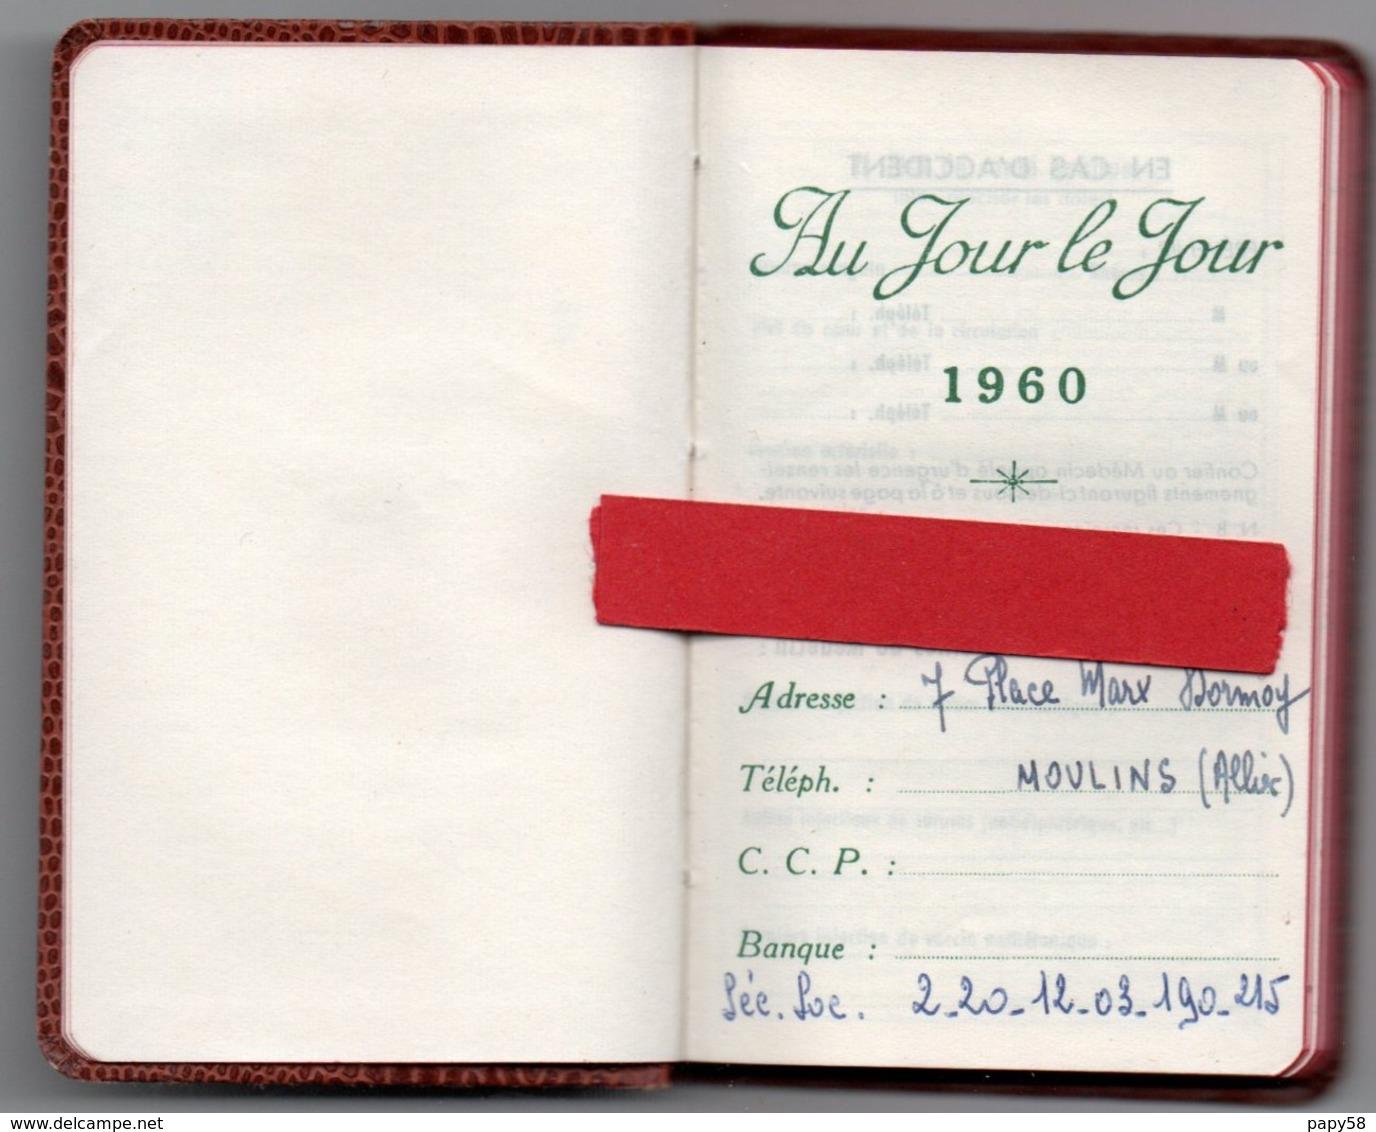 Calendriers > Petit Format : 1941-60 Agenda Au Jour Le Jour 1960 - Calendriers